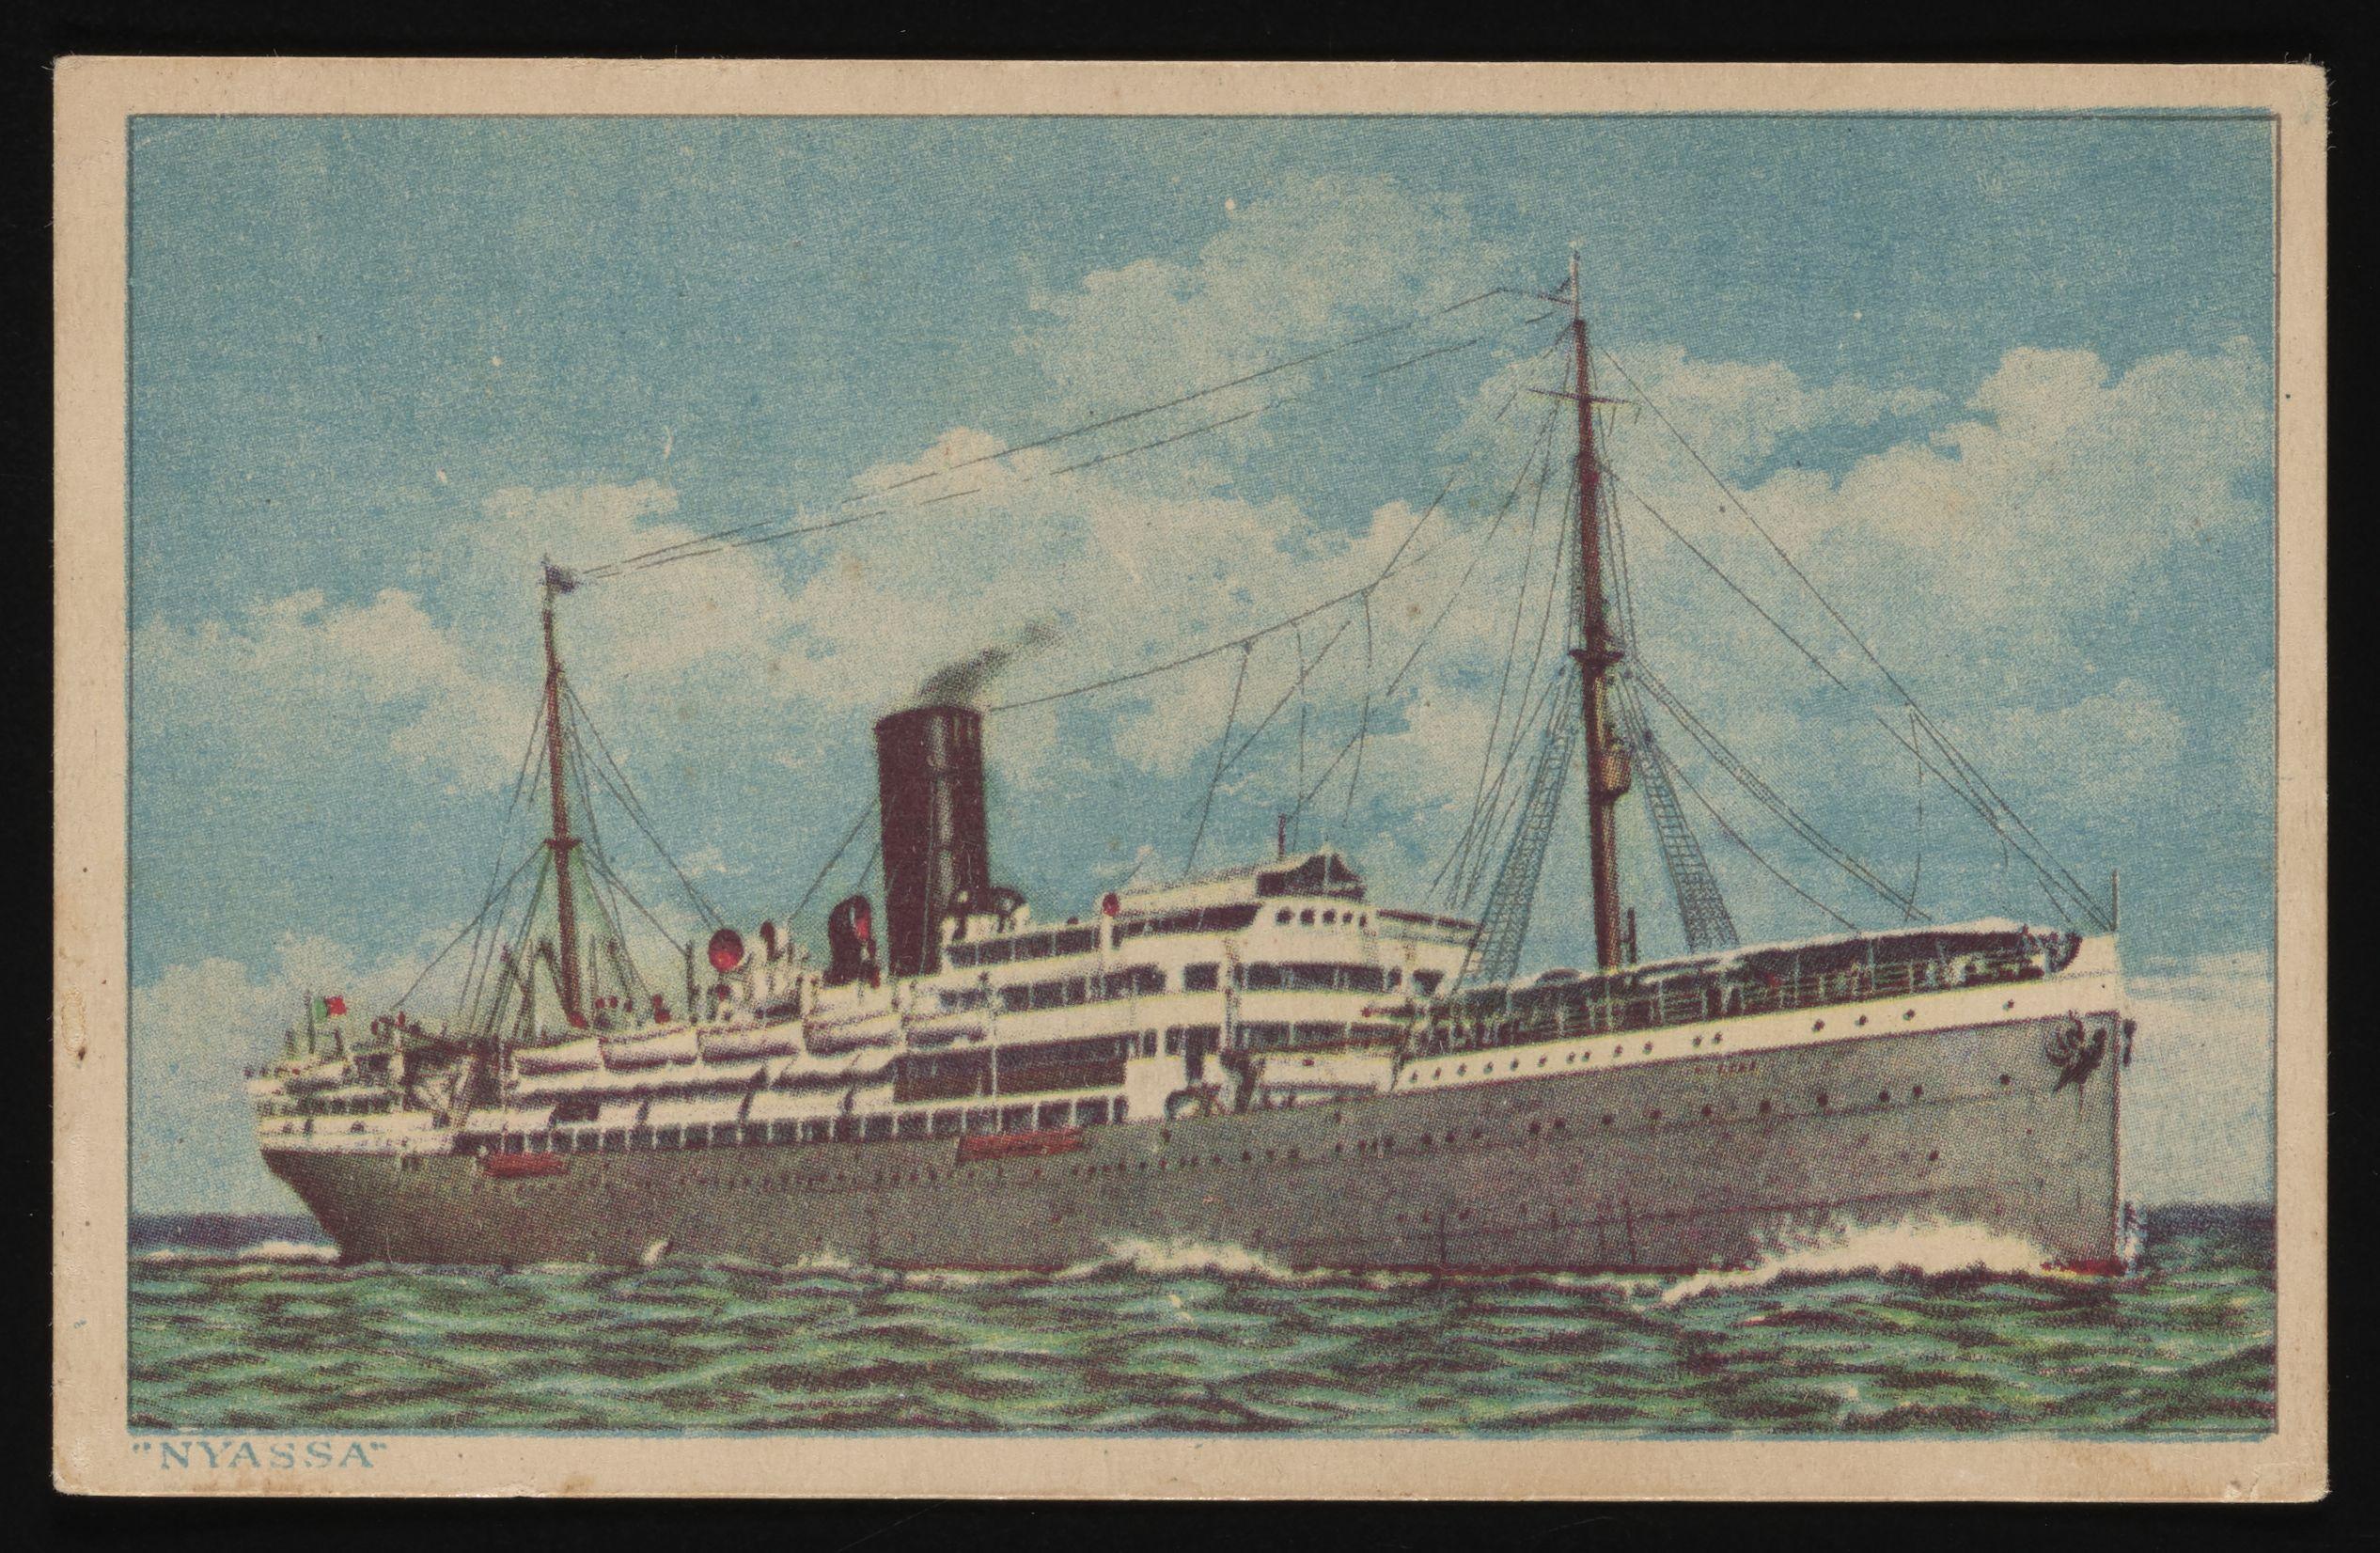 Het schip Nyassa dat de vluchtelingen van Portugal naar Suriname brengt